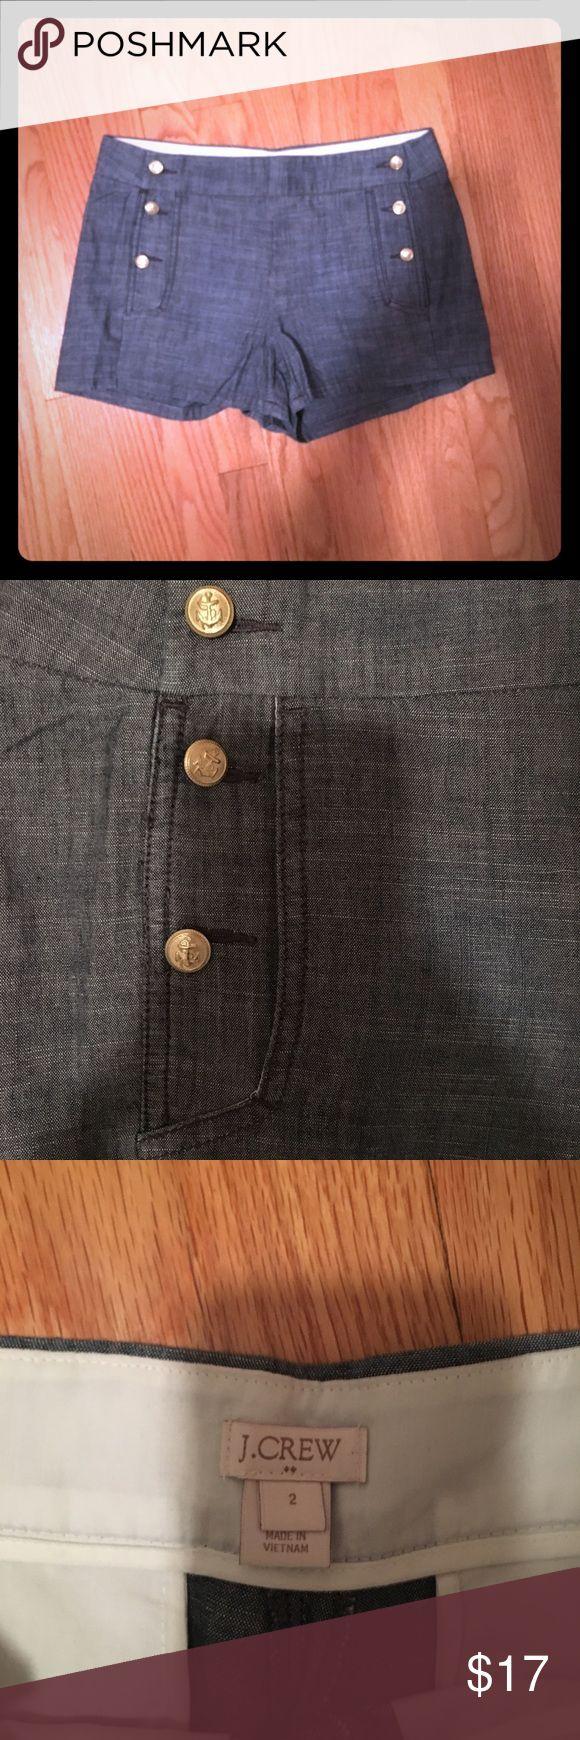 J Crew button front sailor shorts J Crew button front sailor shorts. Soft denim/chambray material. NWOT!! J. Crew Shorts